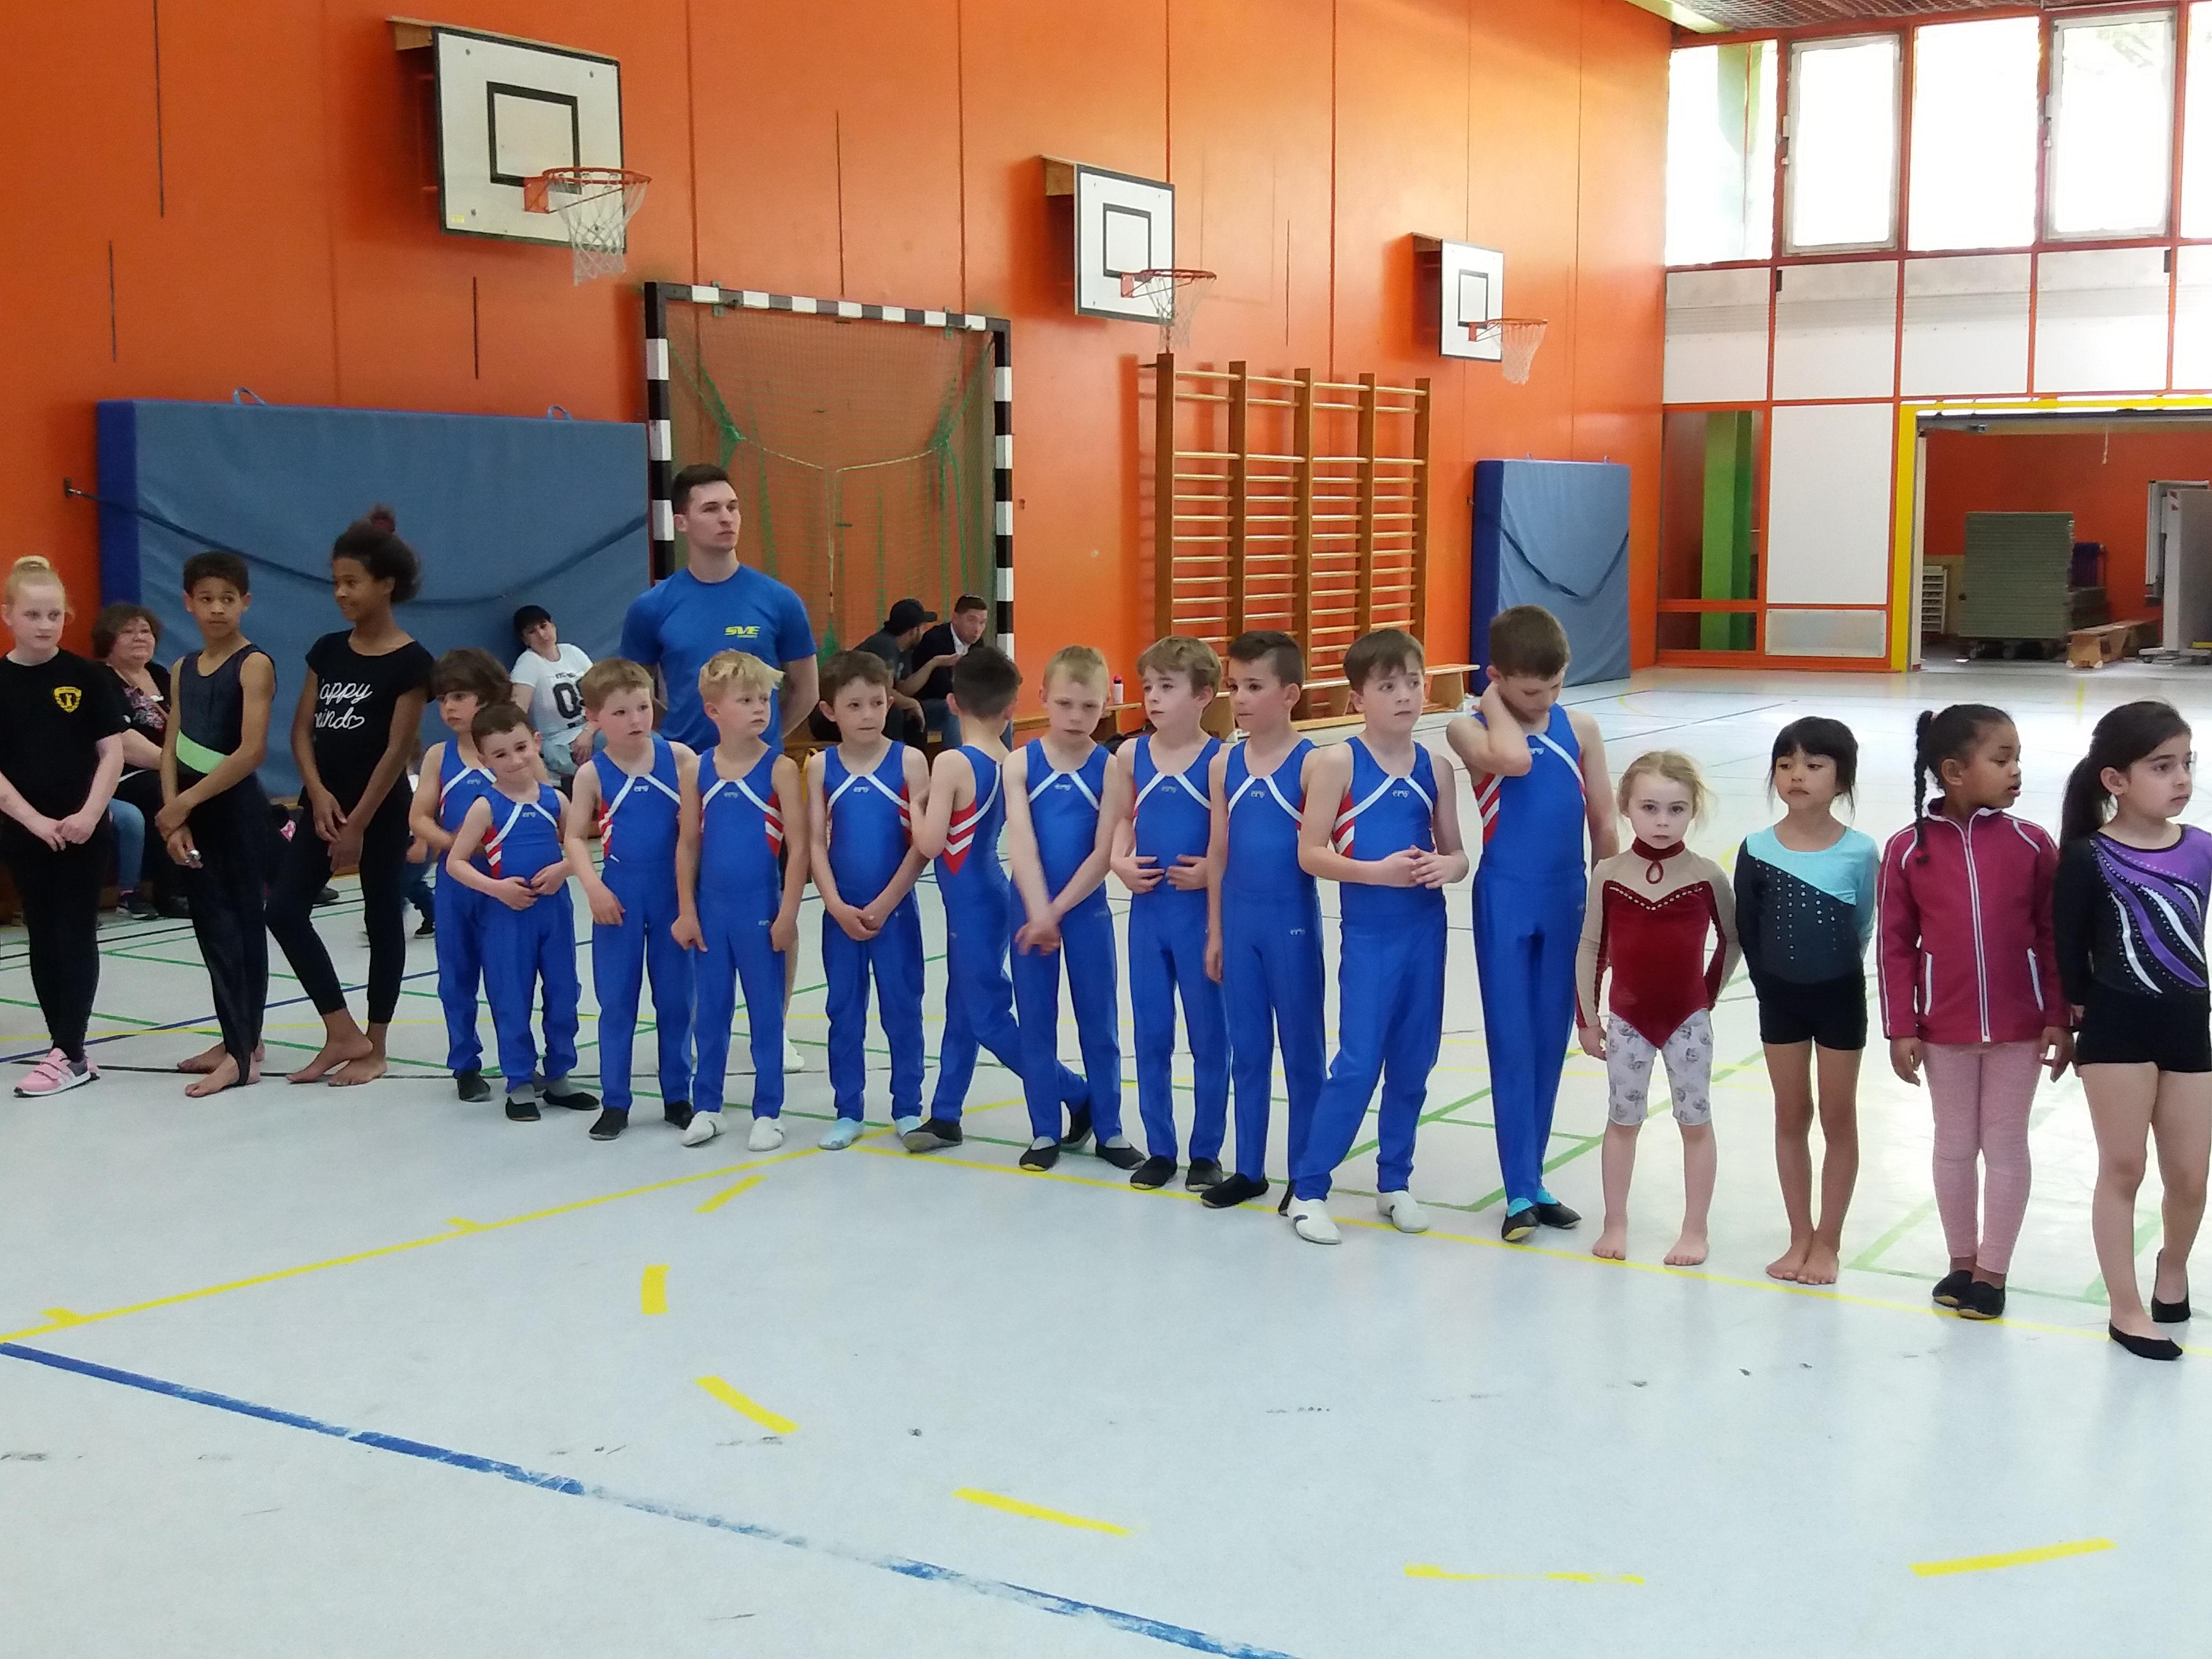 Viele SVE-Kids beim Sausewind-Turnen erfolgreich